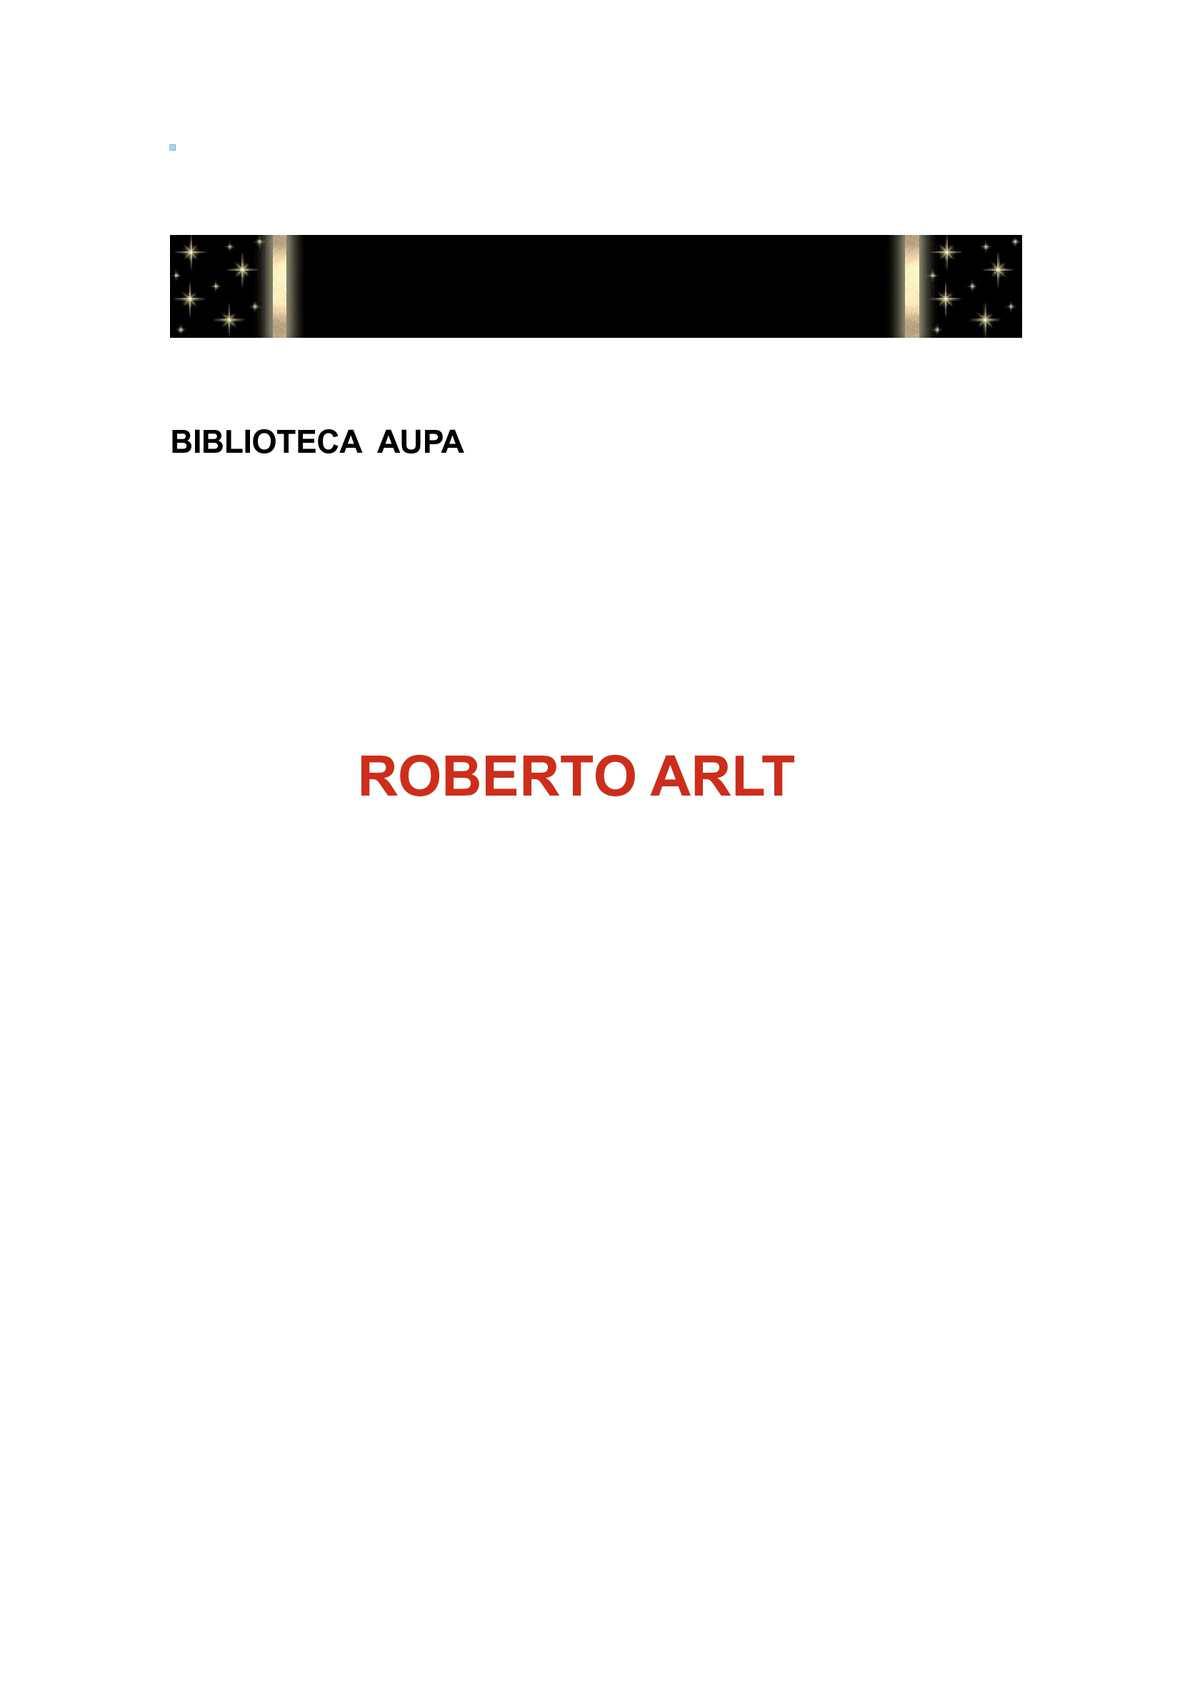 Calaméo - ROBERTO ARLT RELATOS